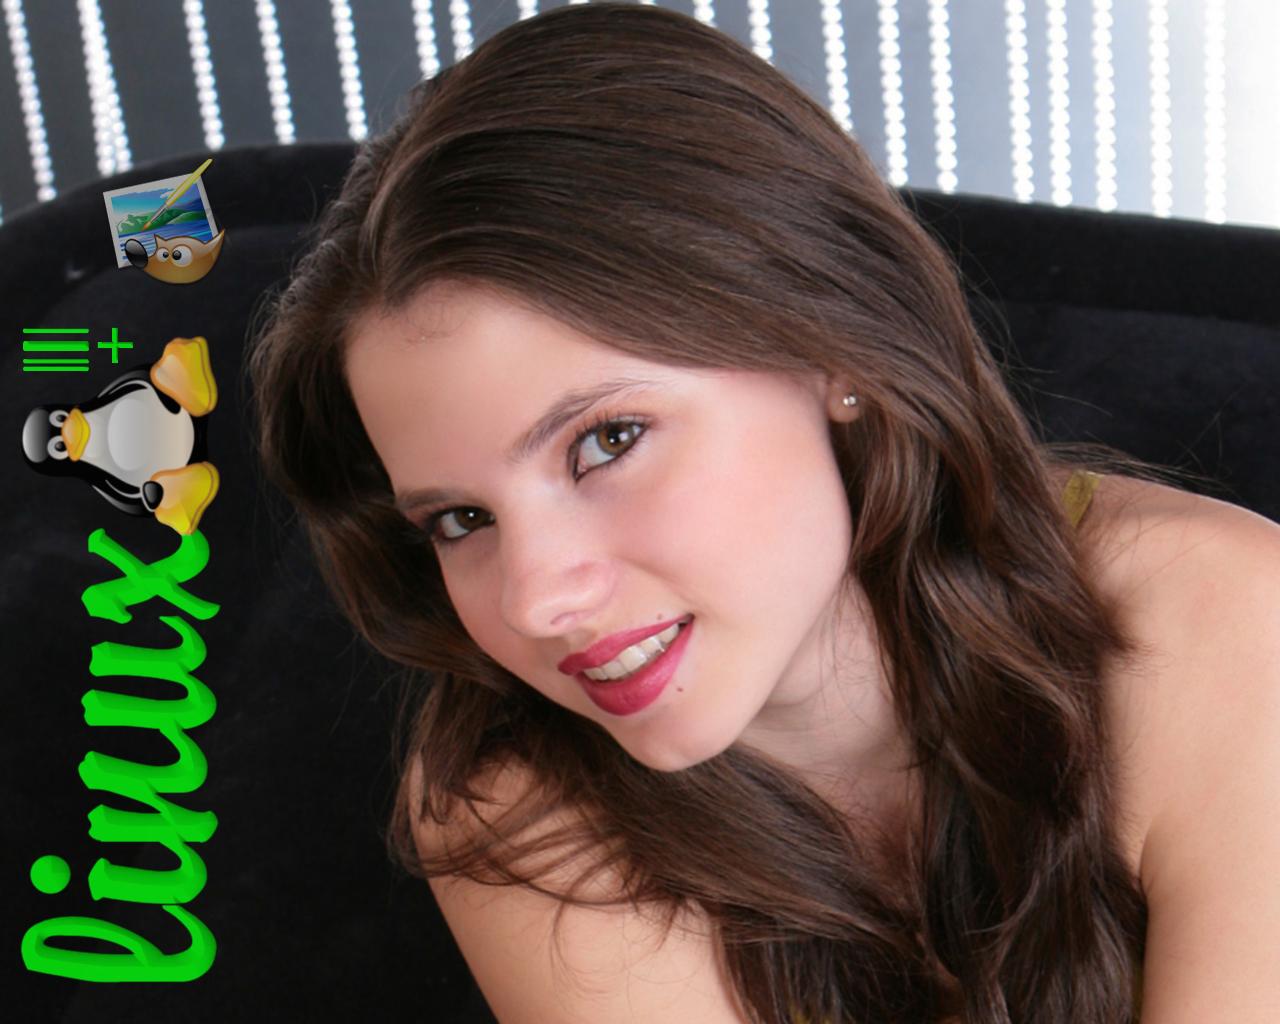 imgChili » sandra model mix 2 http://young-models.tk - Holiday and ...: thefotoartist.com/imgchili-sandra-model-mix-2-http-young-models-tk...